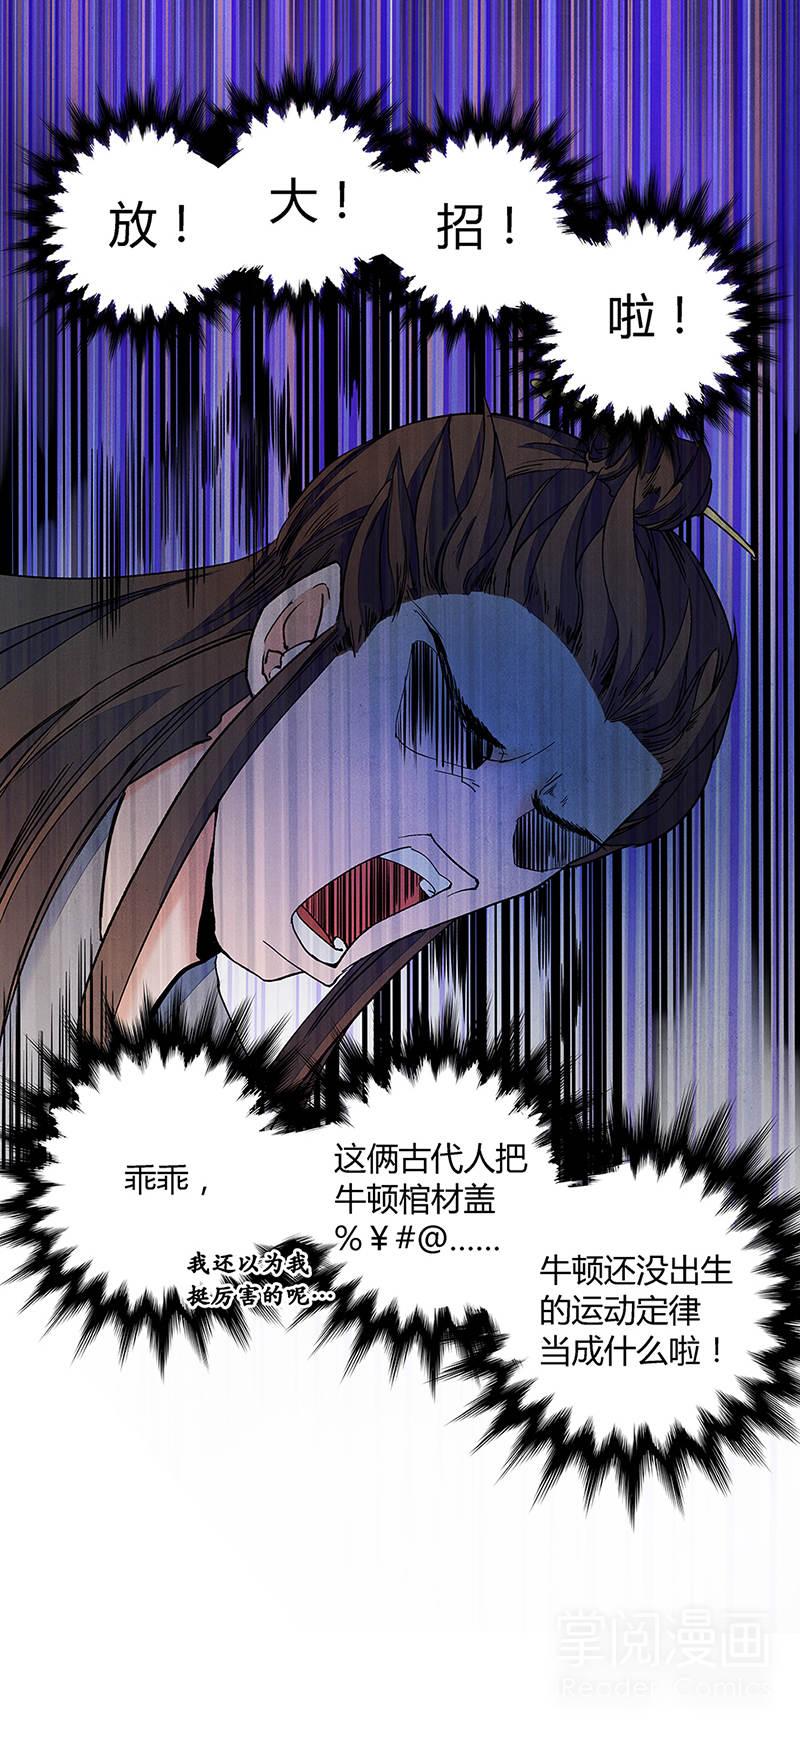 逍遥游第31话  轩皓双杰斗双寇 第 12